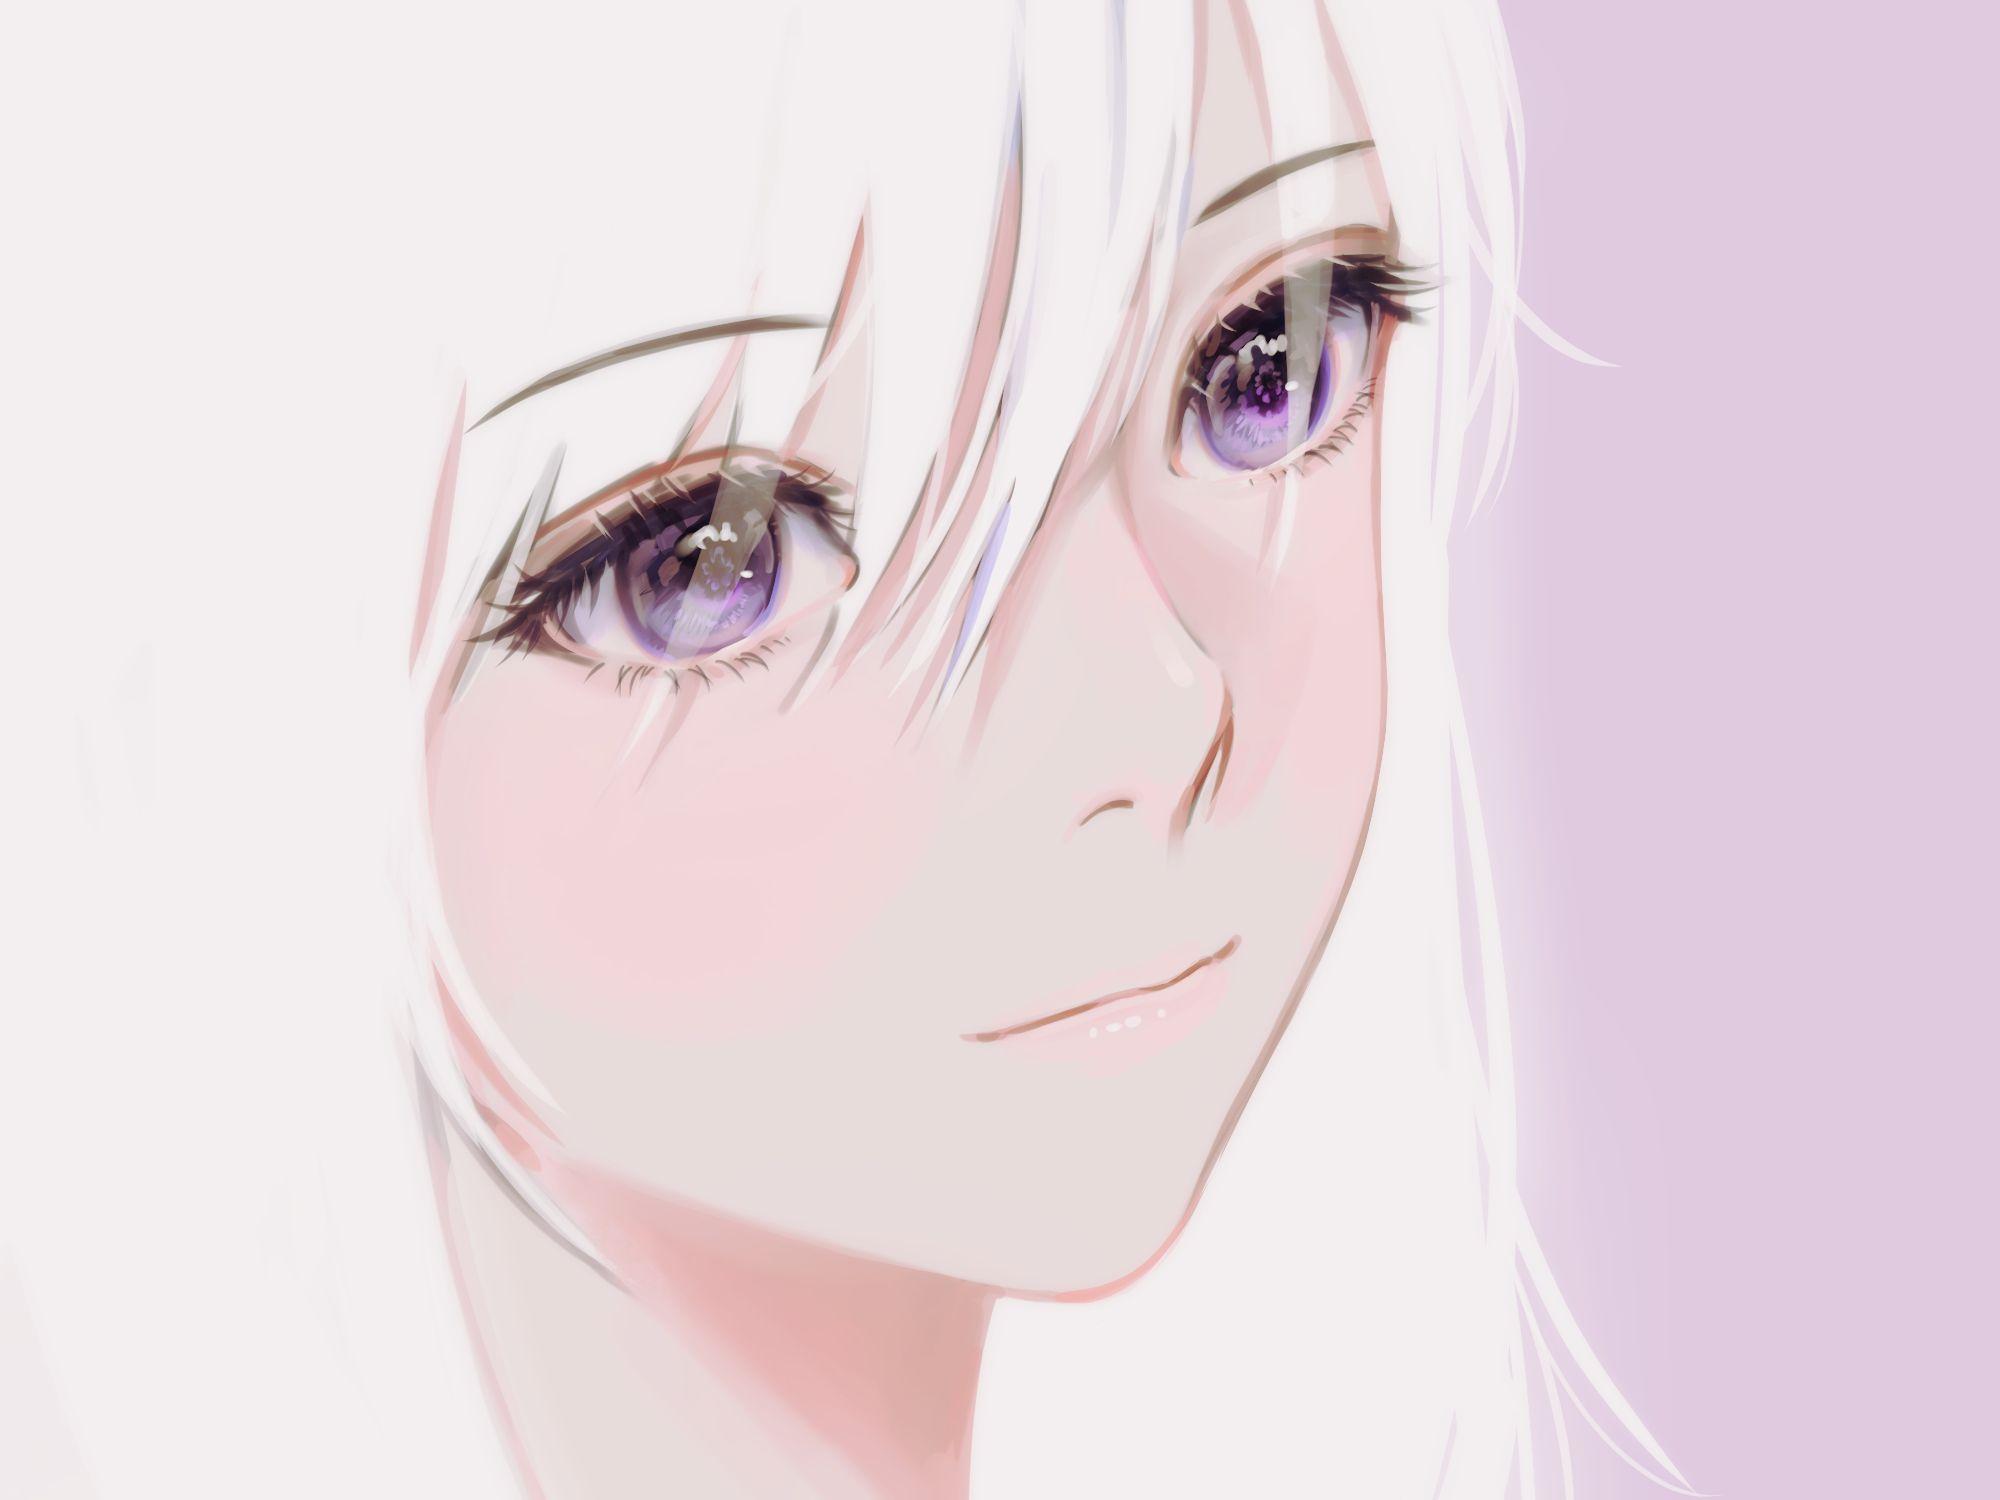 Pinterest In 2020 Long Hair Styles Violet Eyes Purple Eyes